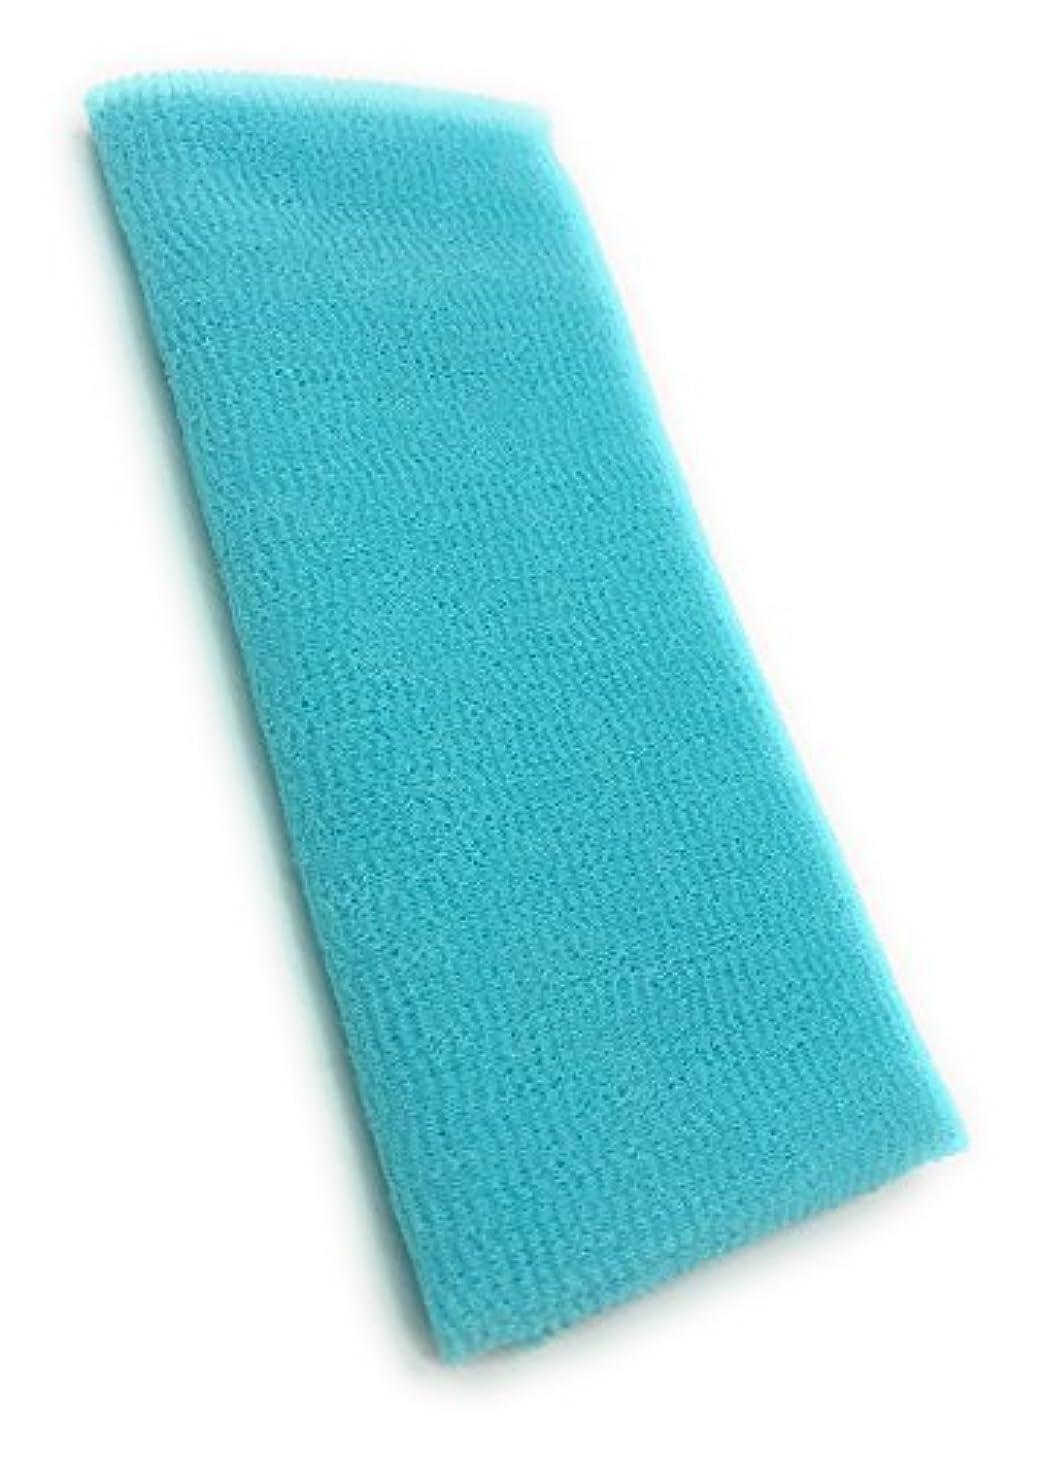 起点重さダブルMaltose あかすりタオル ボディタオル ロングボディブラシ やわらか 濃密泡 背中 お風呂用 メンズ 4色 (ブルー)